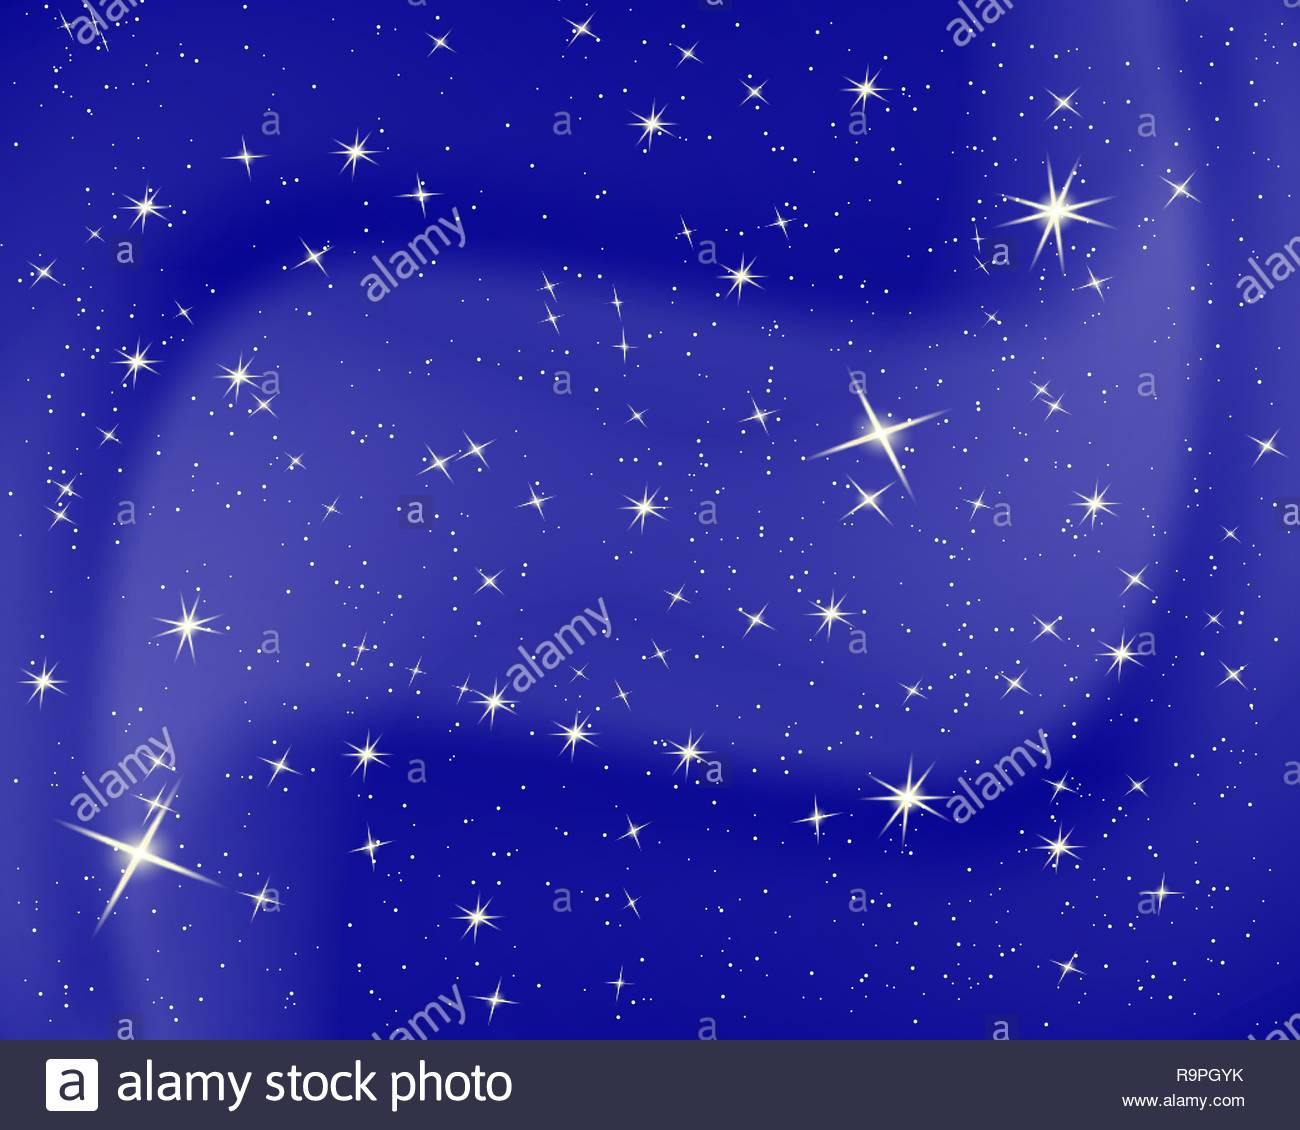 Full Size of Sternenhimmel Kinderzimmer Nachthimmel Mit Sternen Und Wolken Funkeln Blauen Regal Regale Sofa Weiß Kinderzimmer Sternenhimmel Kinderzimmer